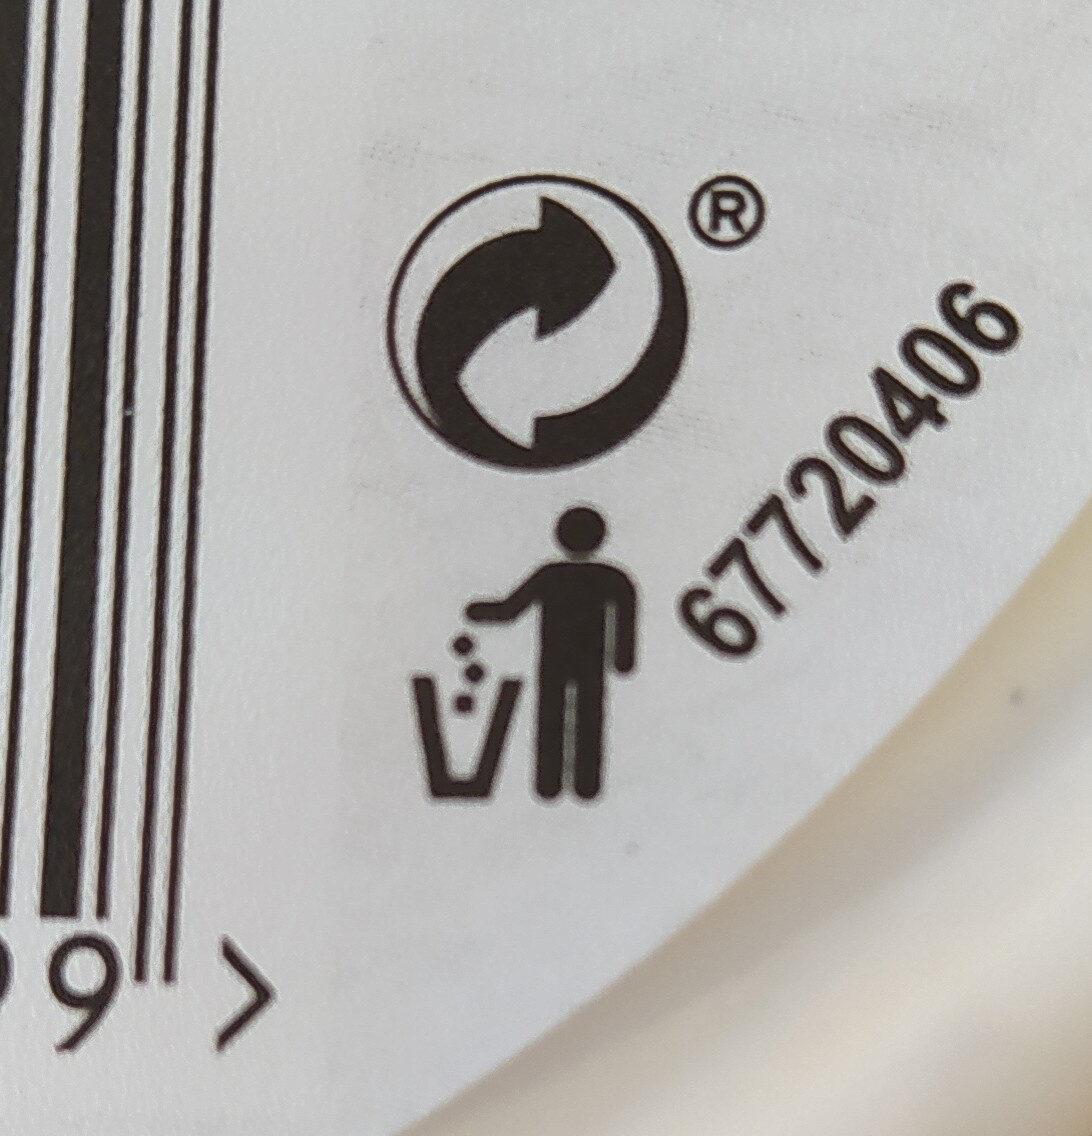 Carte D'or Glace Vanille Noix de Pécan 900ml - Istruzioni per il riciclaggio e/o informazioni sull'imballaggio - fr